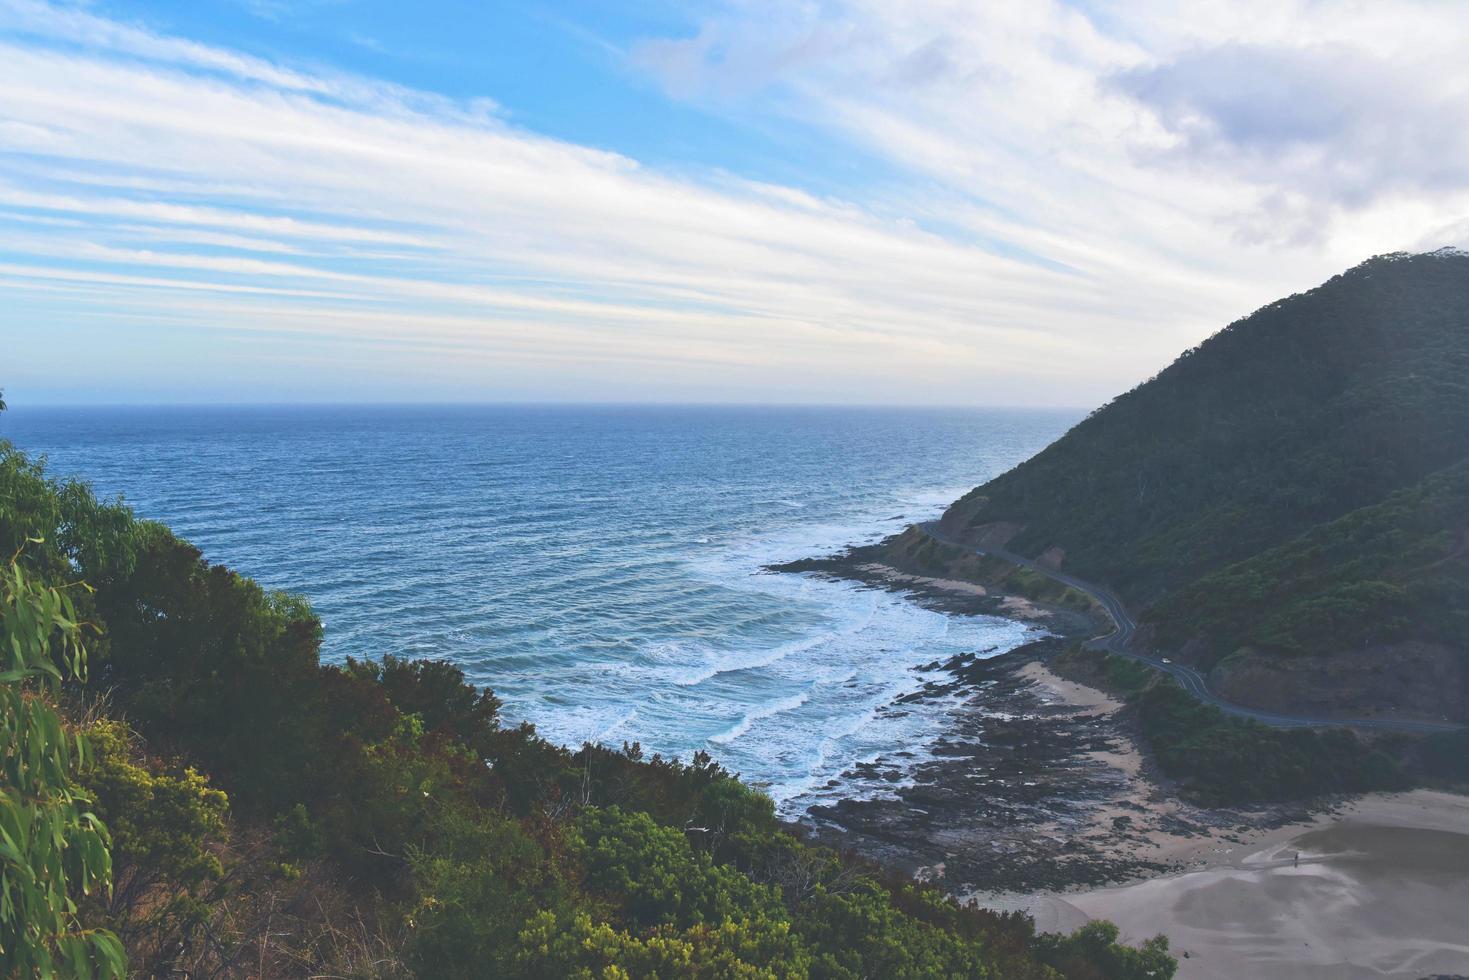 Coastal mountain range photo